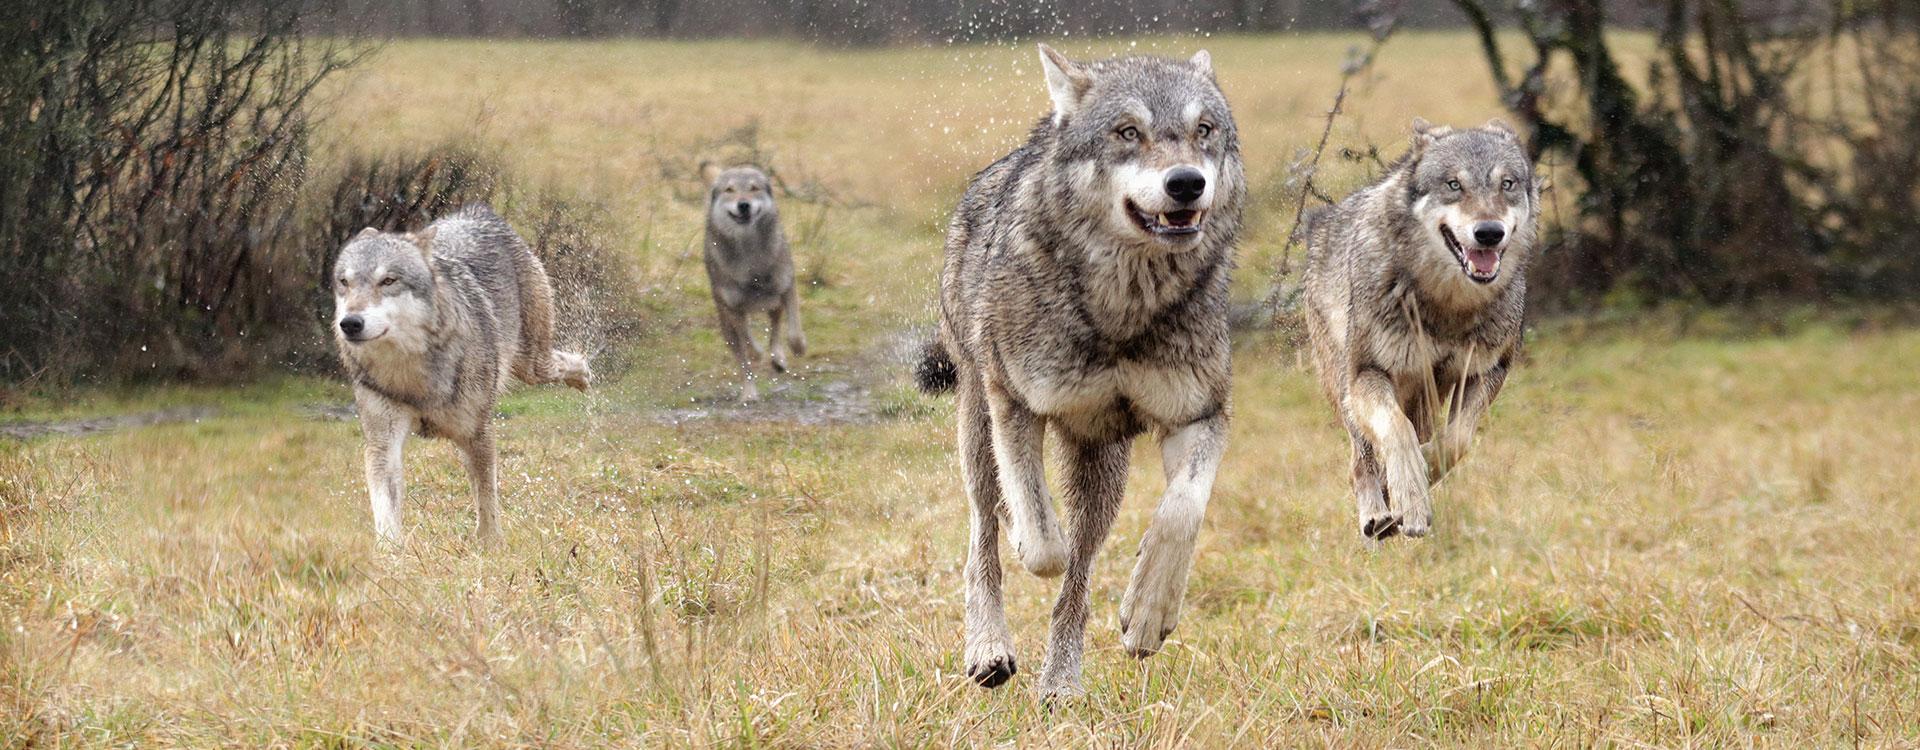 une meute de 3 loups courant dans un pré